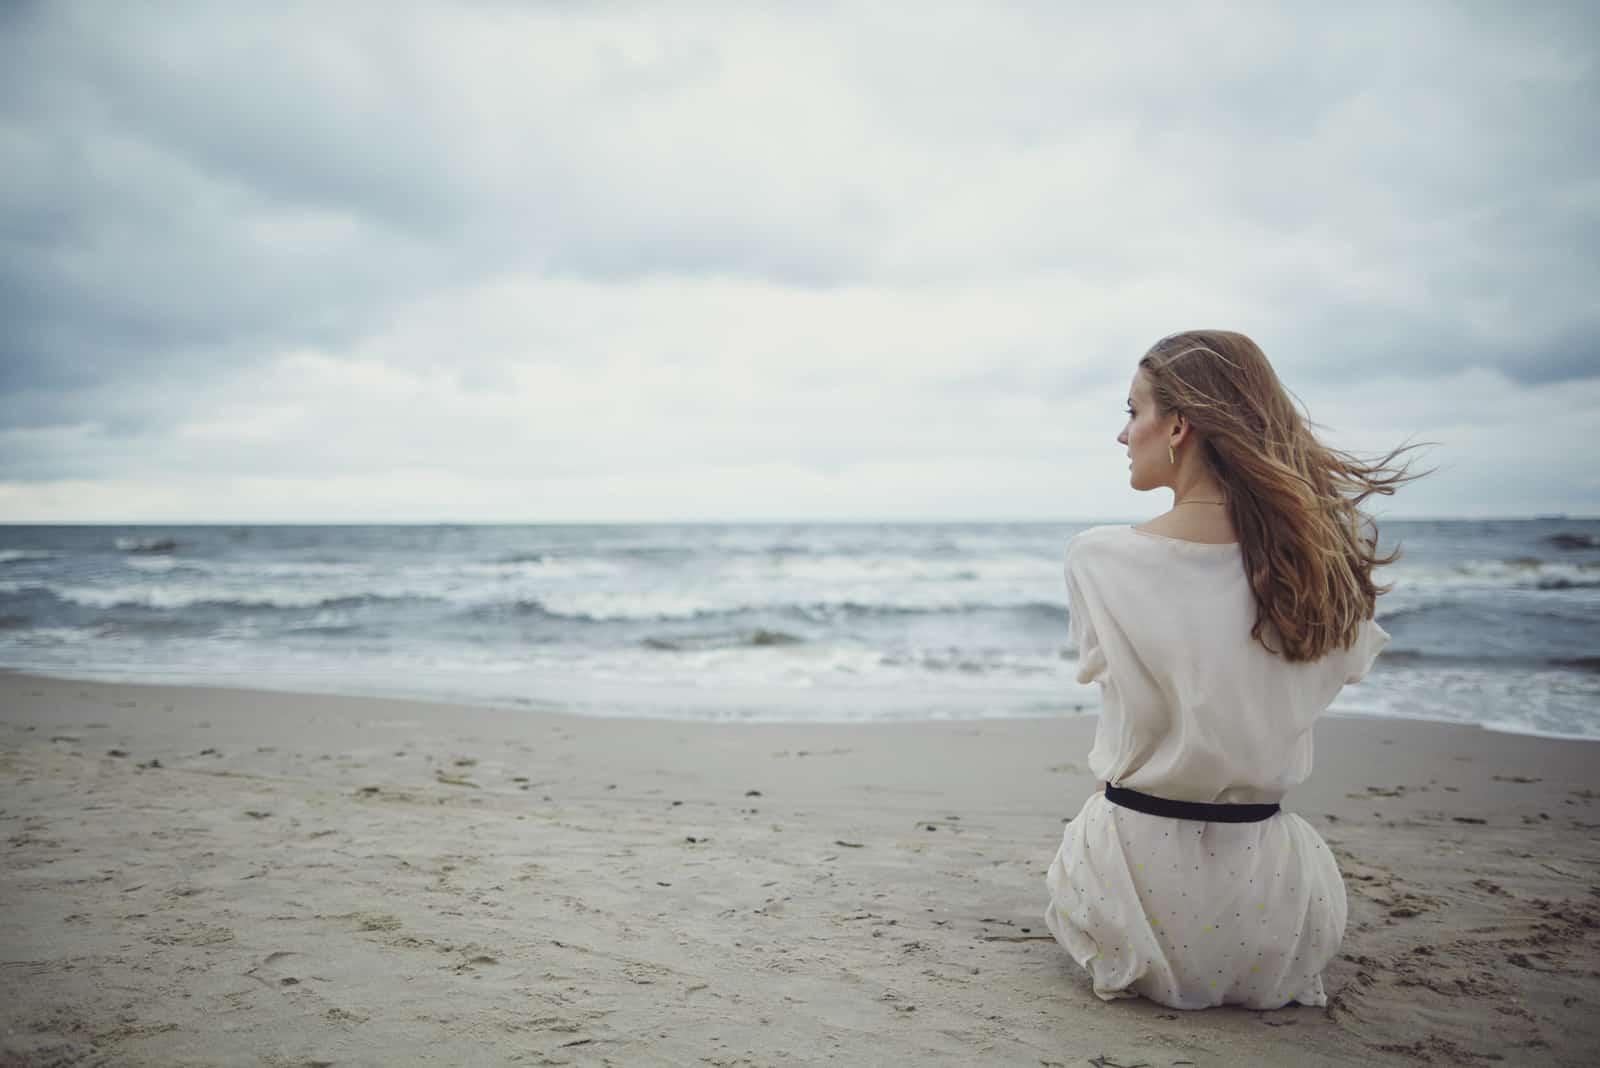 kvinde sidder på stranden alene